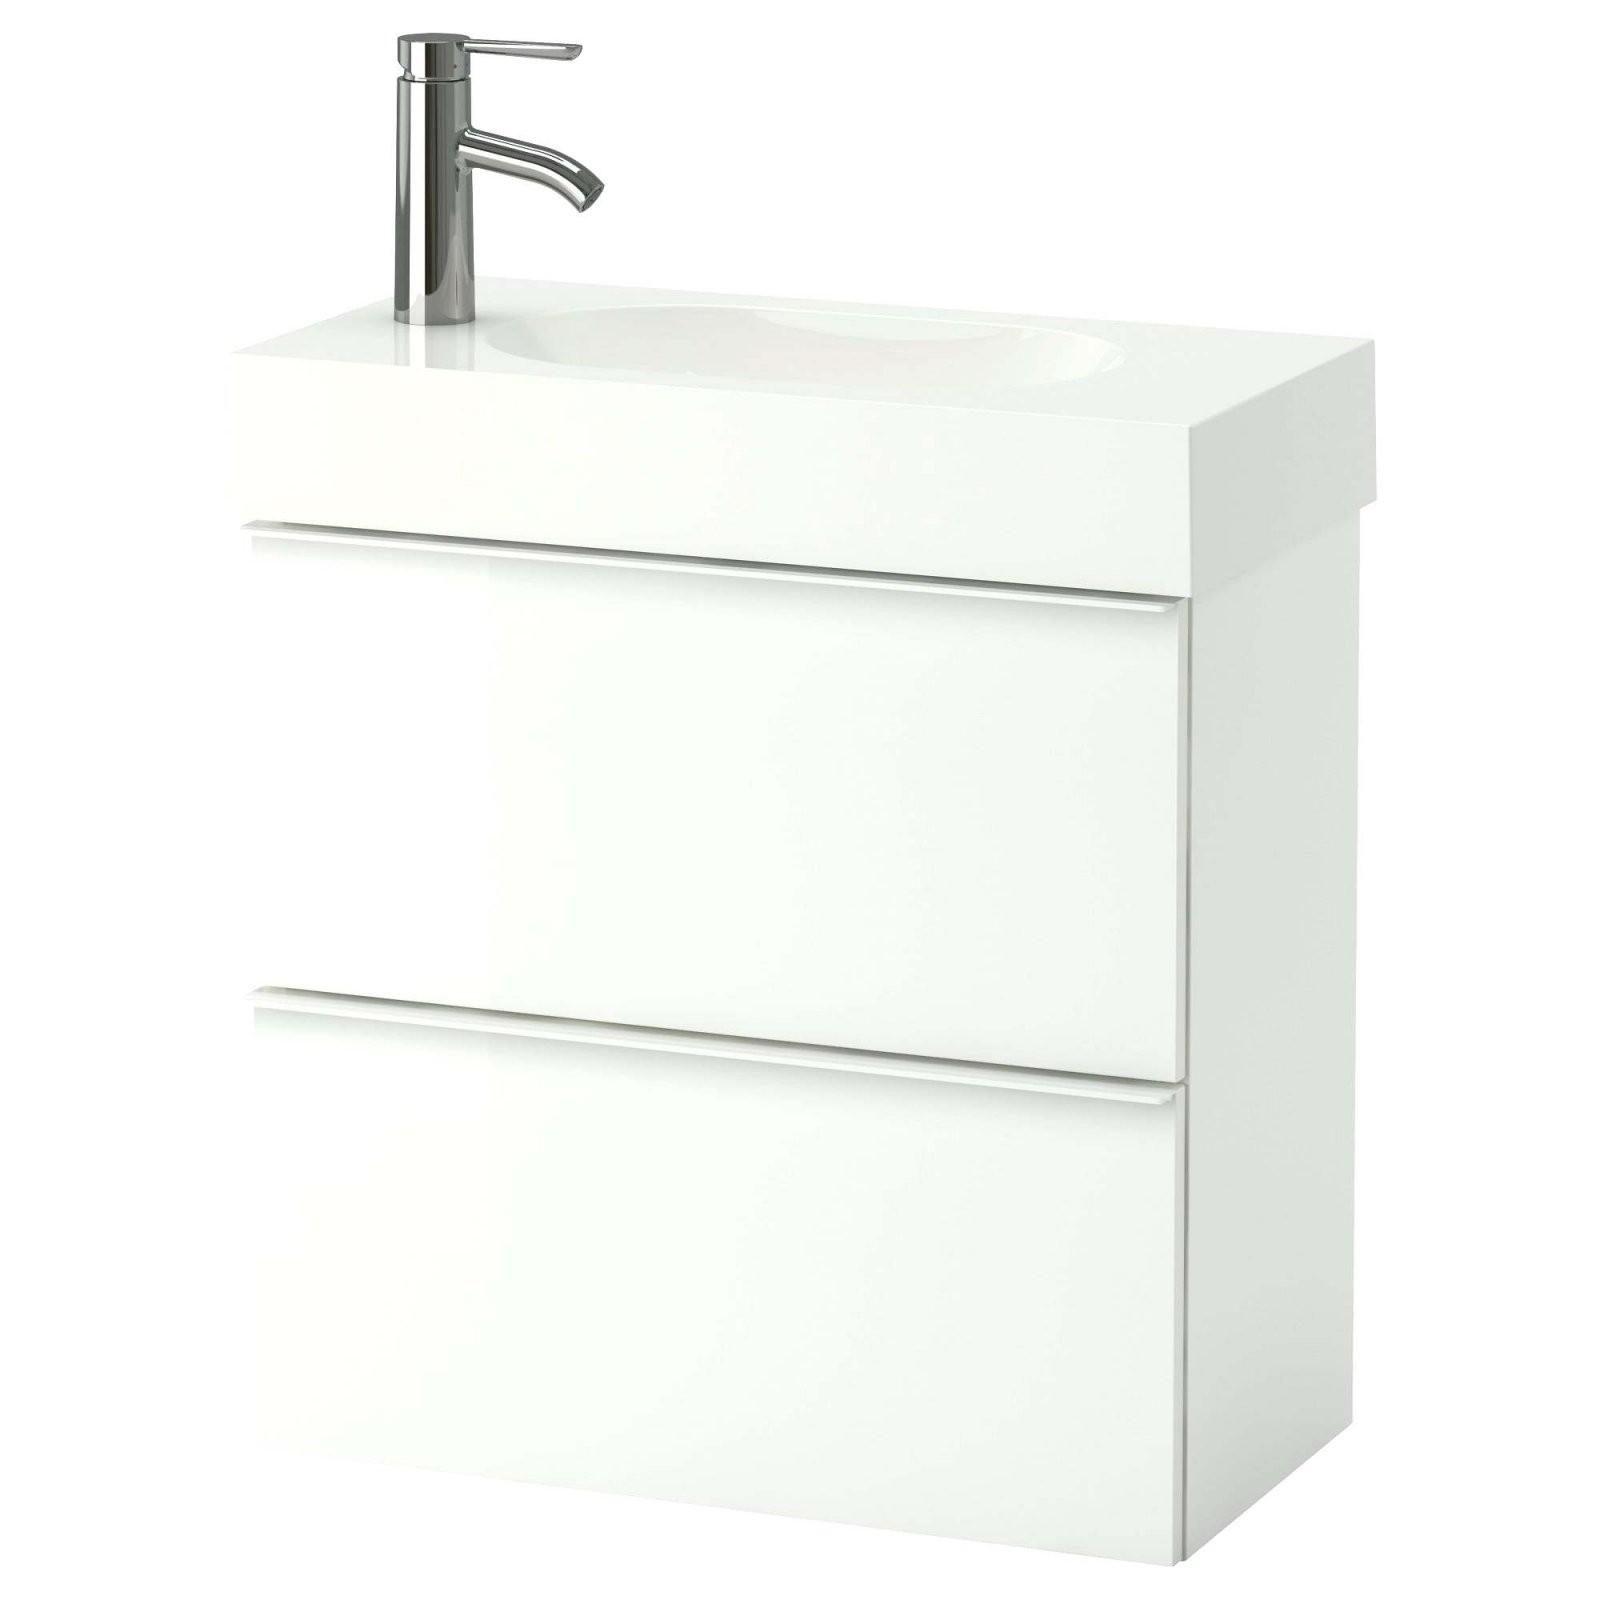 Ikea Waschbecken Mit Unterschrank Ikea Waschbeckenunterschrank von Waschbecken Mit Unterschrank Ikea Photo